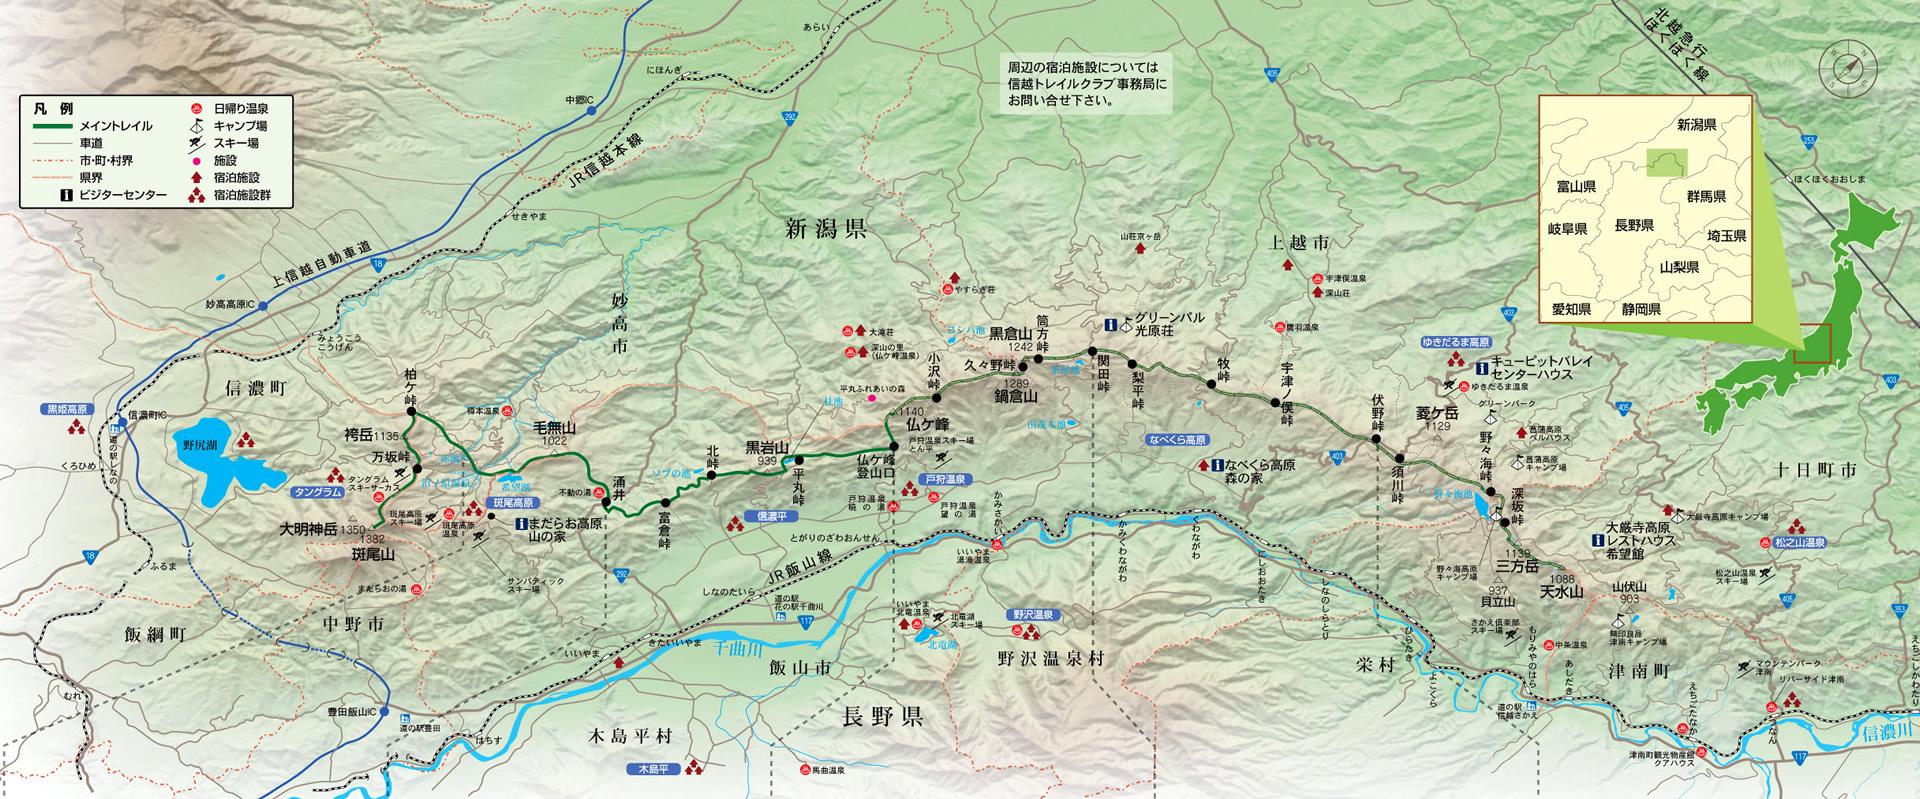 信越トレイルマップ